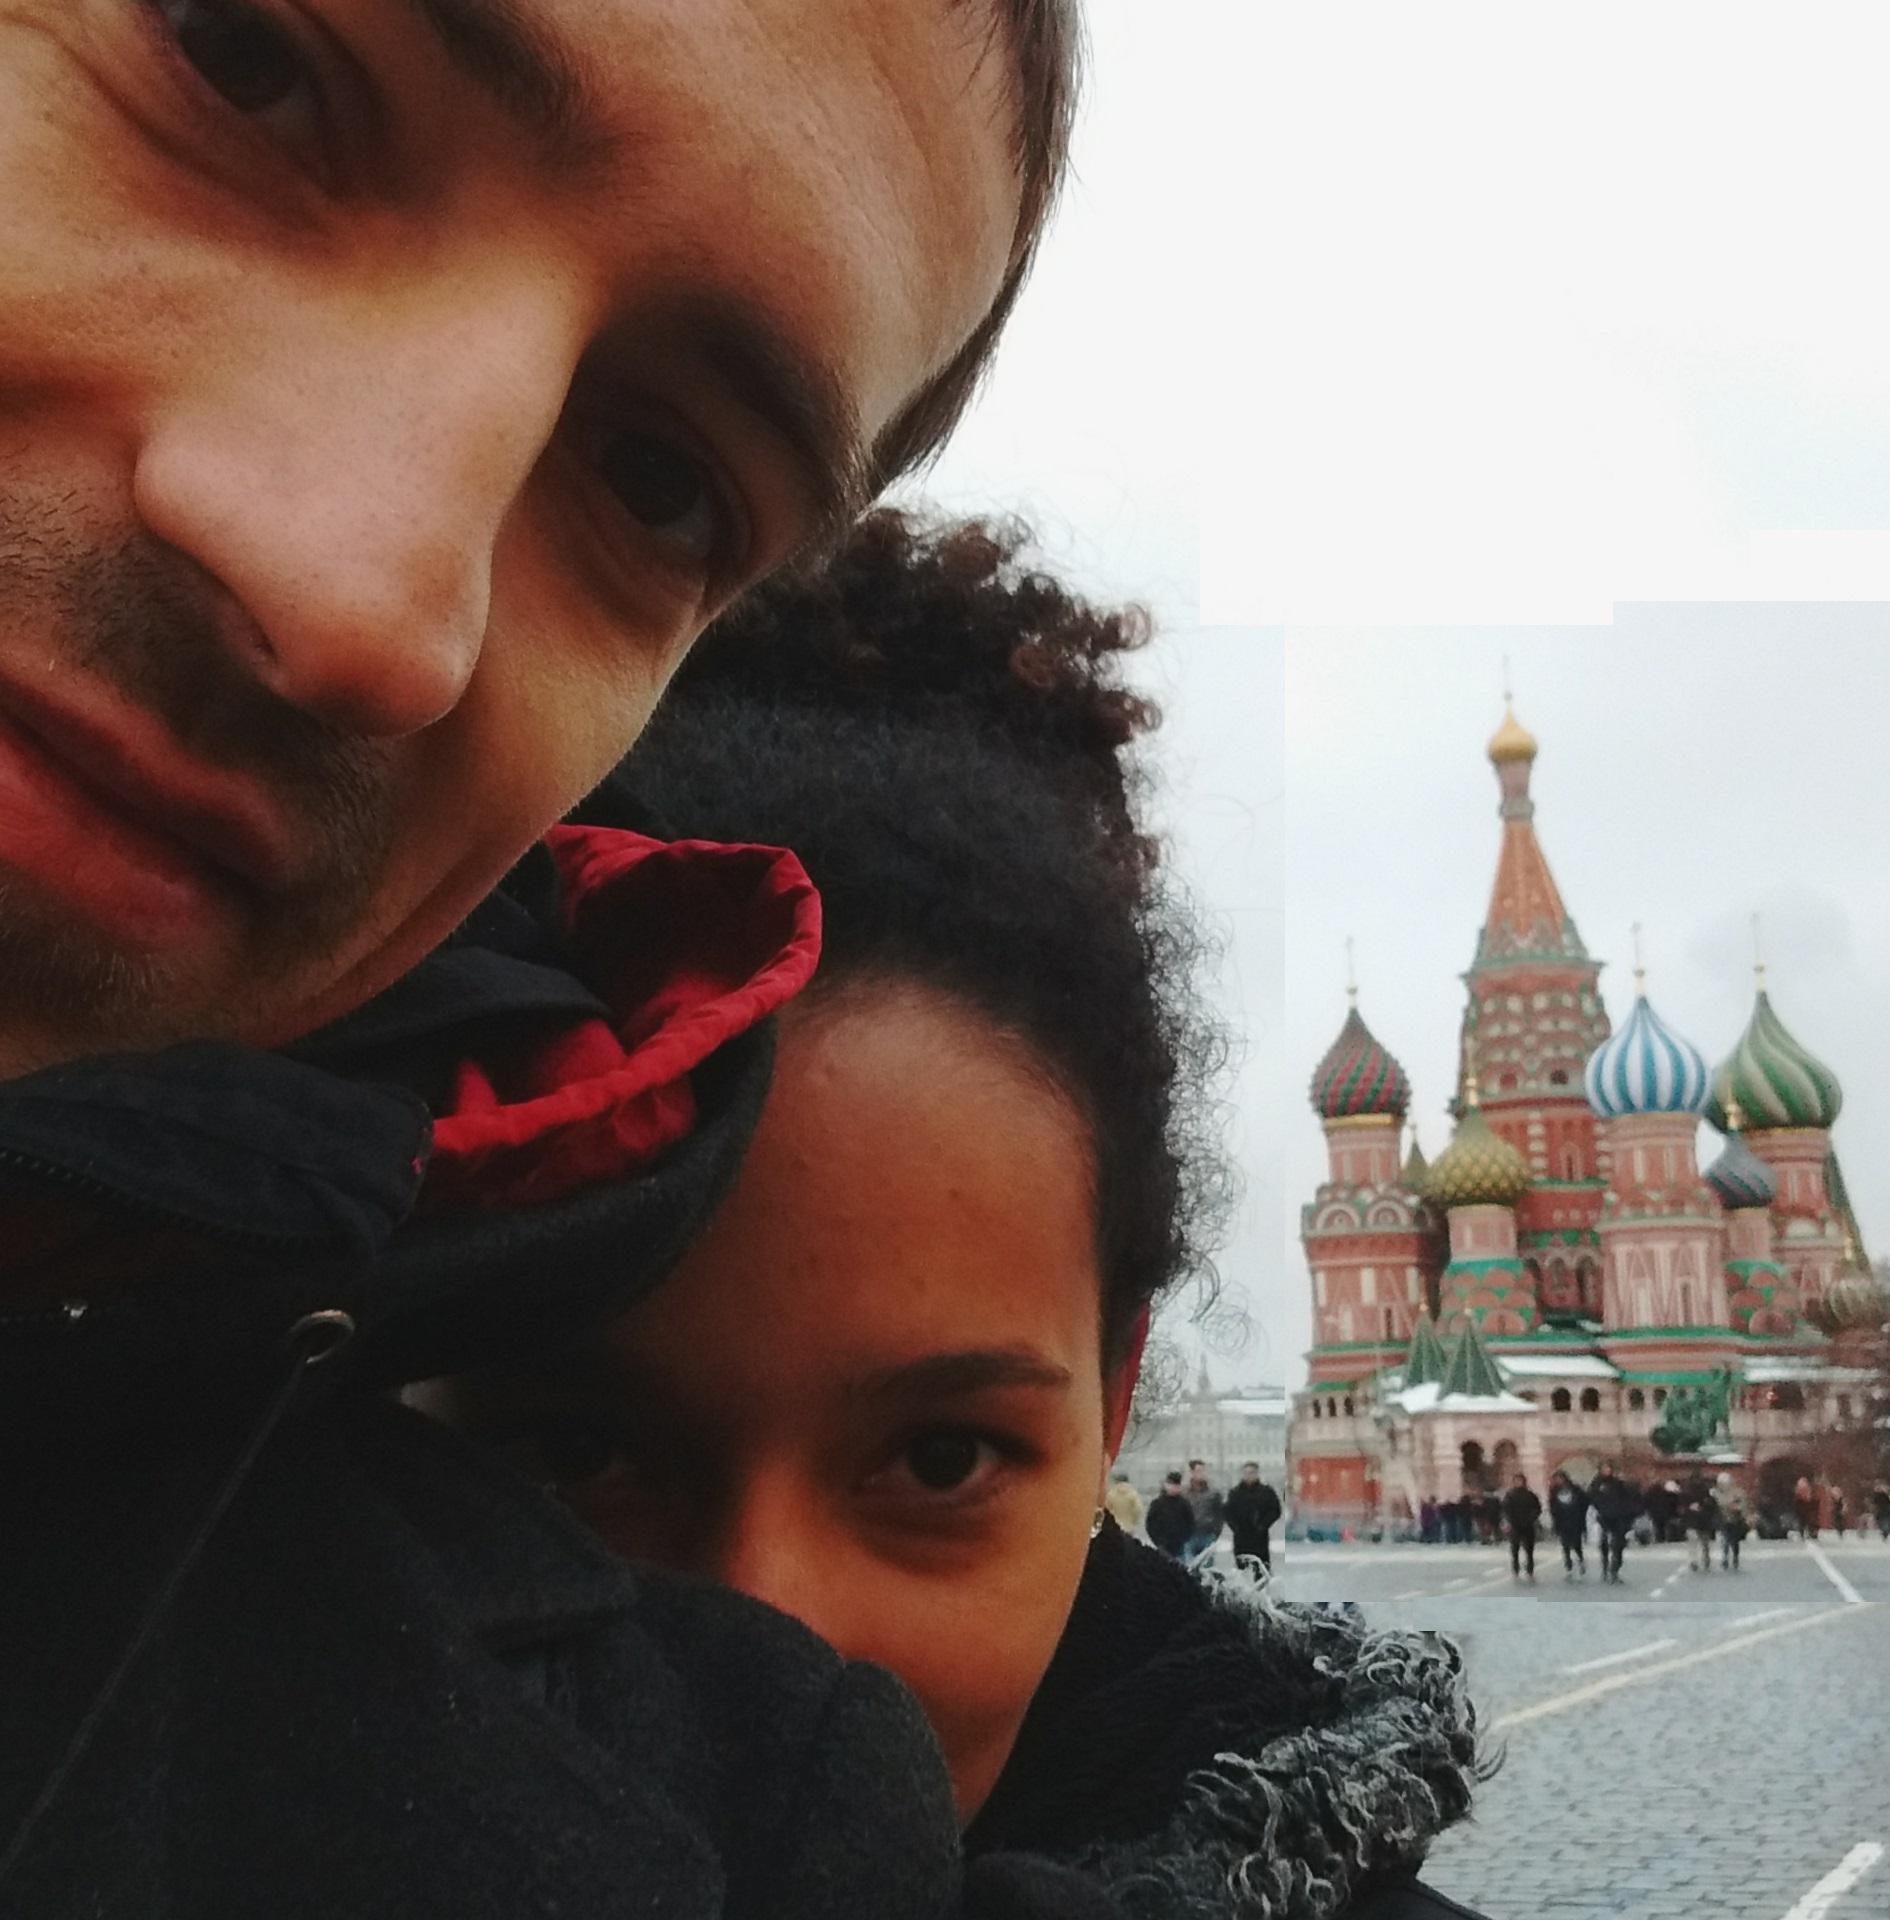 Первое видео блога саморазвития и путешествий со смыслом Источник: http://samosoverhenstvovanie.ru